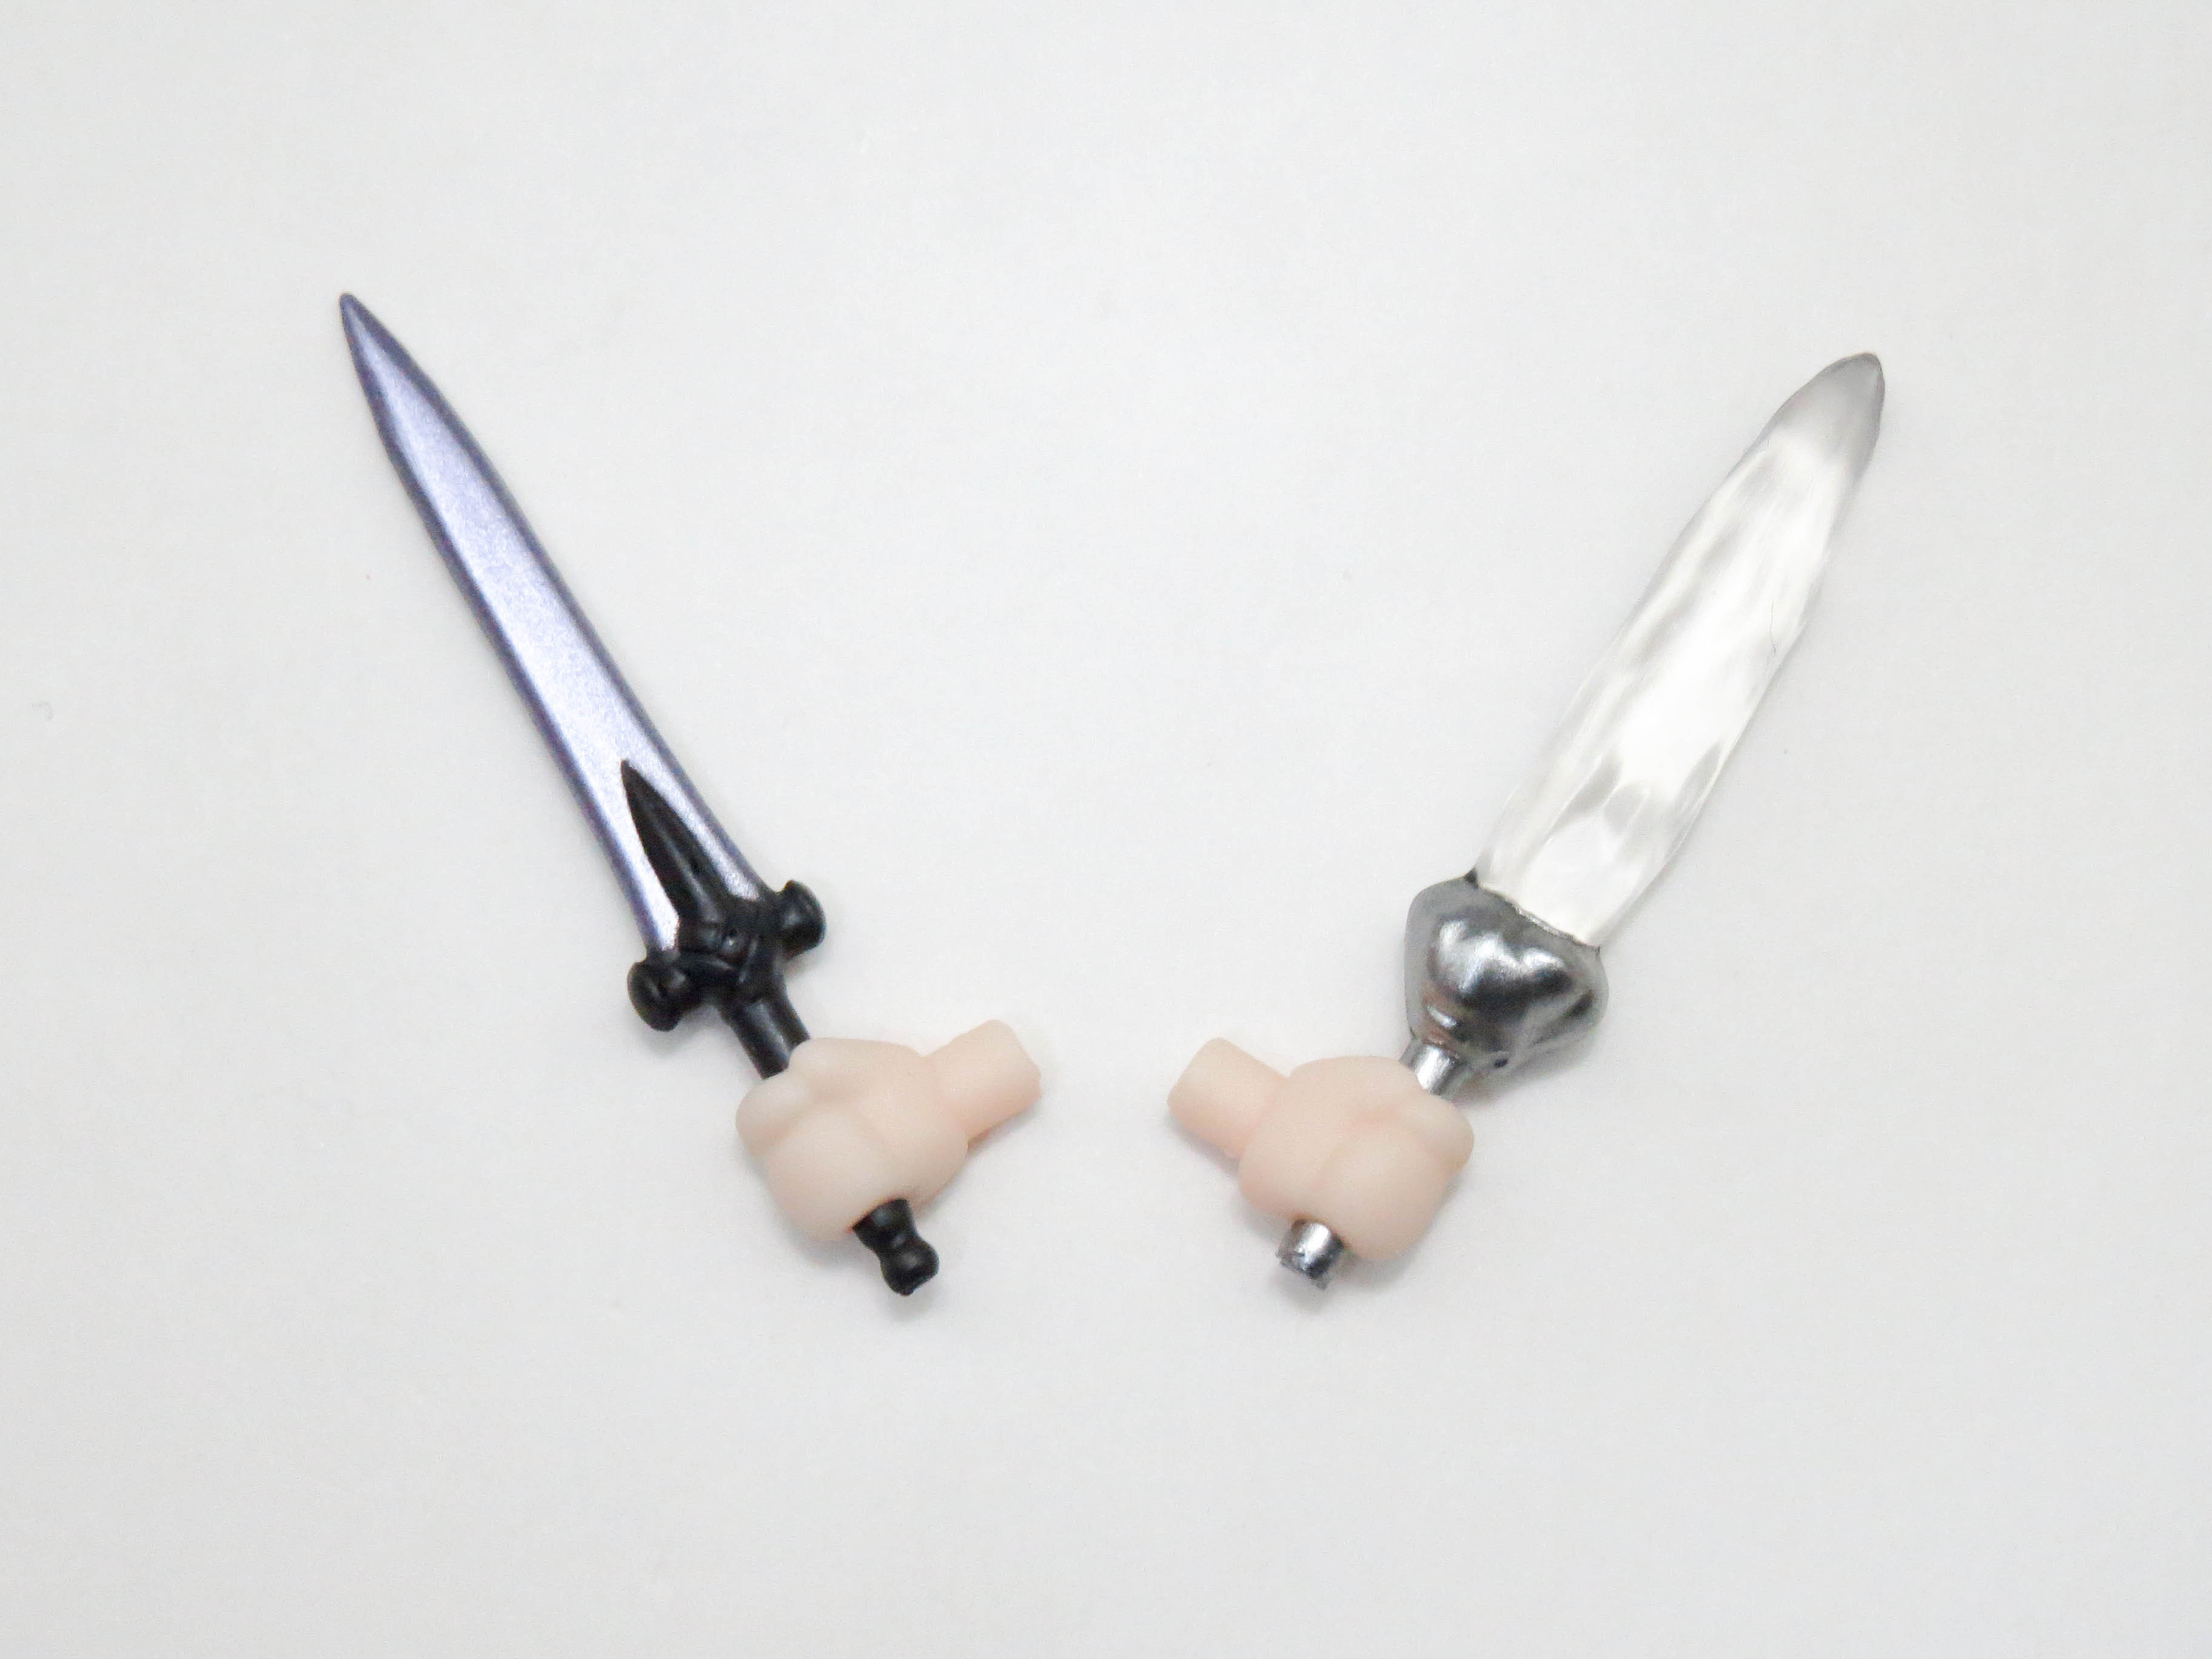 再入荷【409】 遠坂凛 小物パーツ アゾット剣と宝石剣ゼルレッチ ねんどろいど